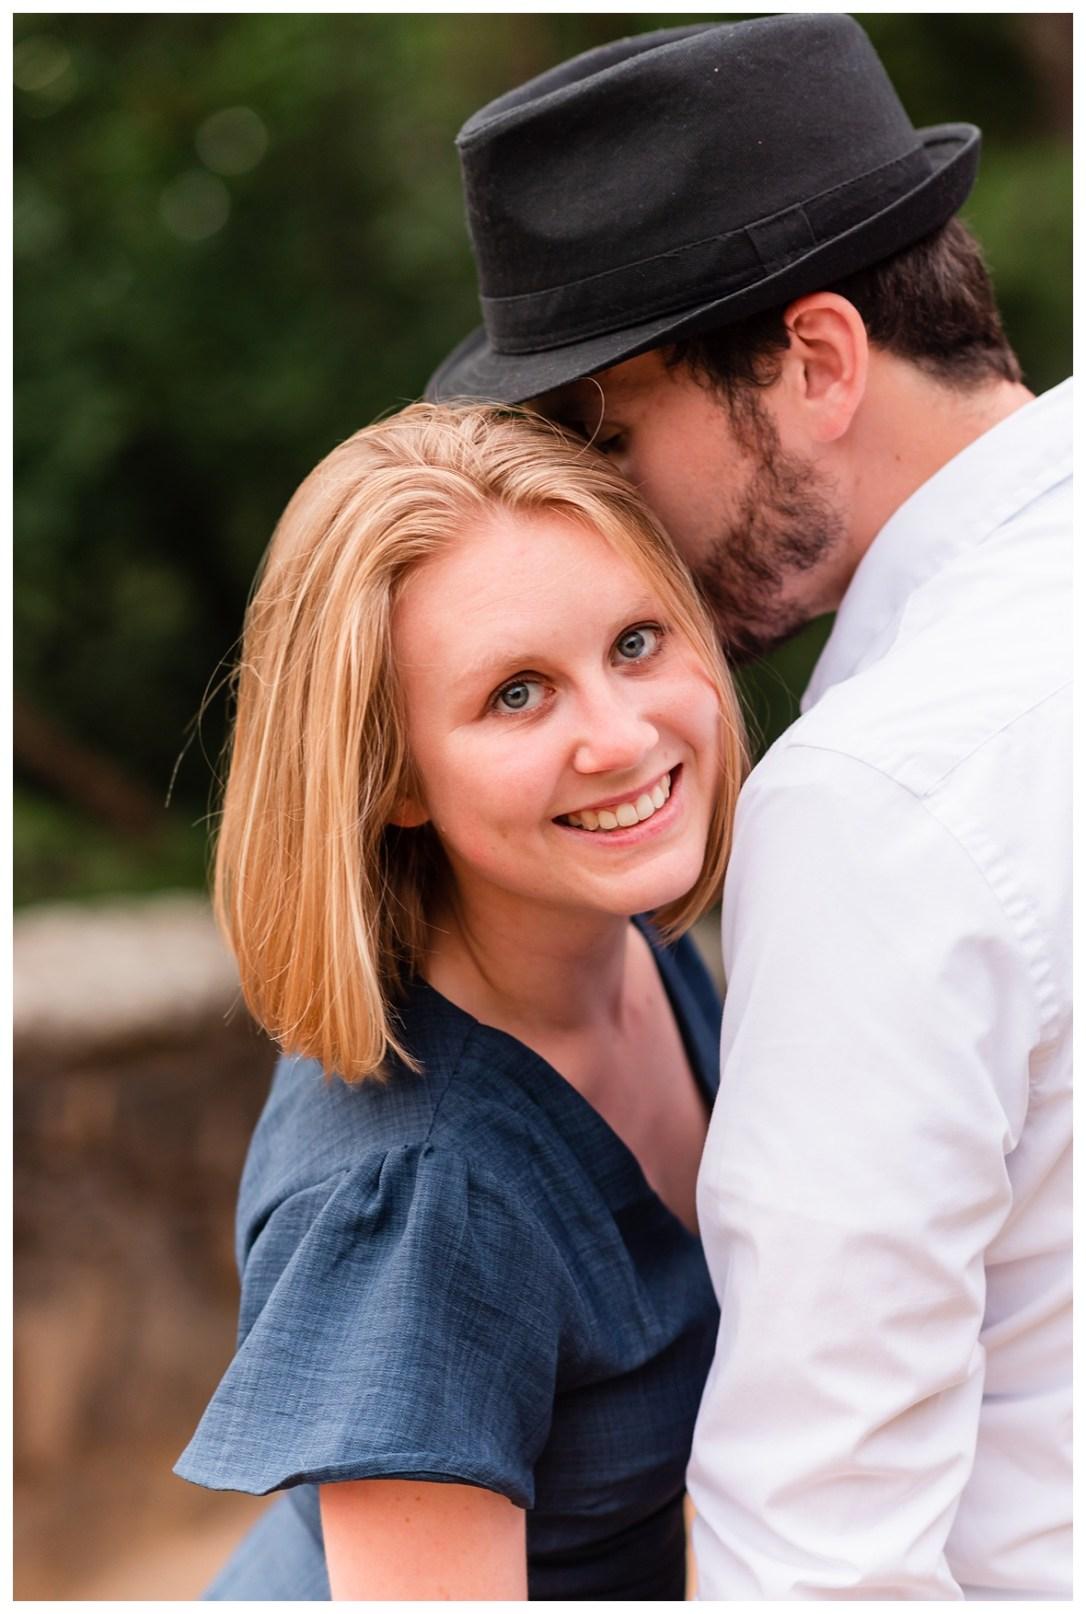 engagement photo ideas with fedora